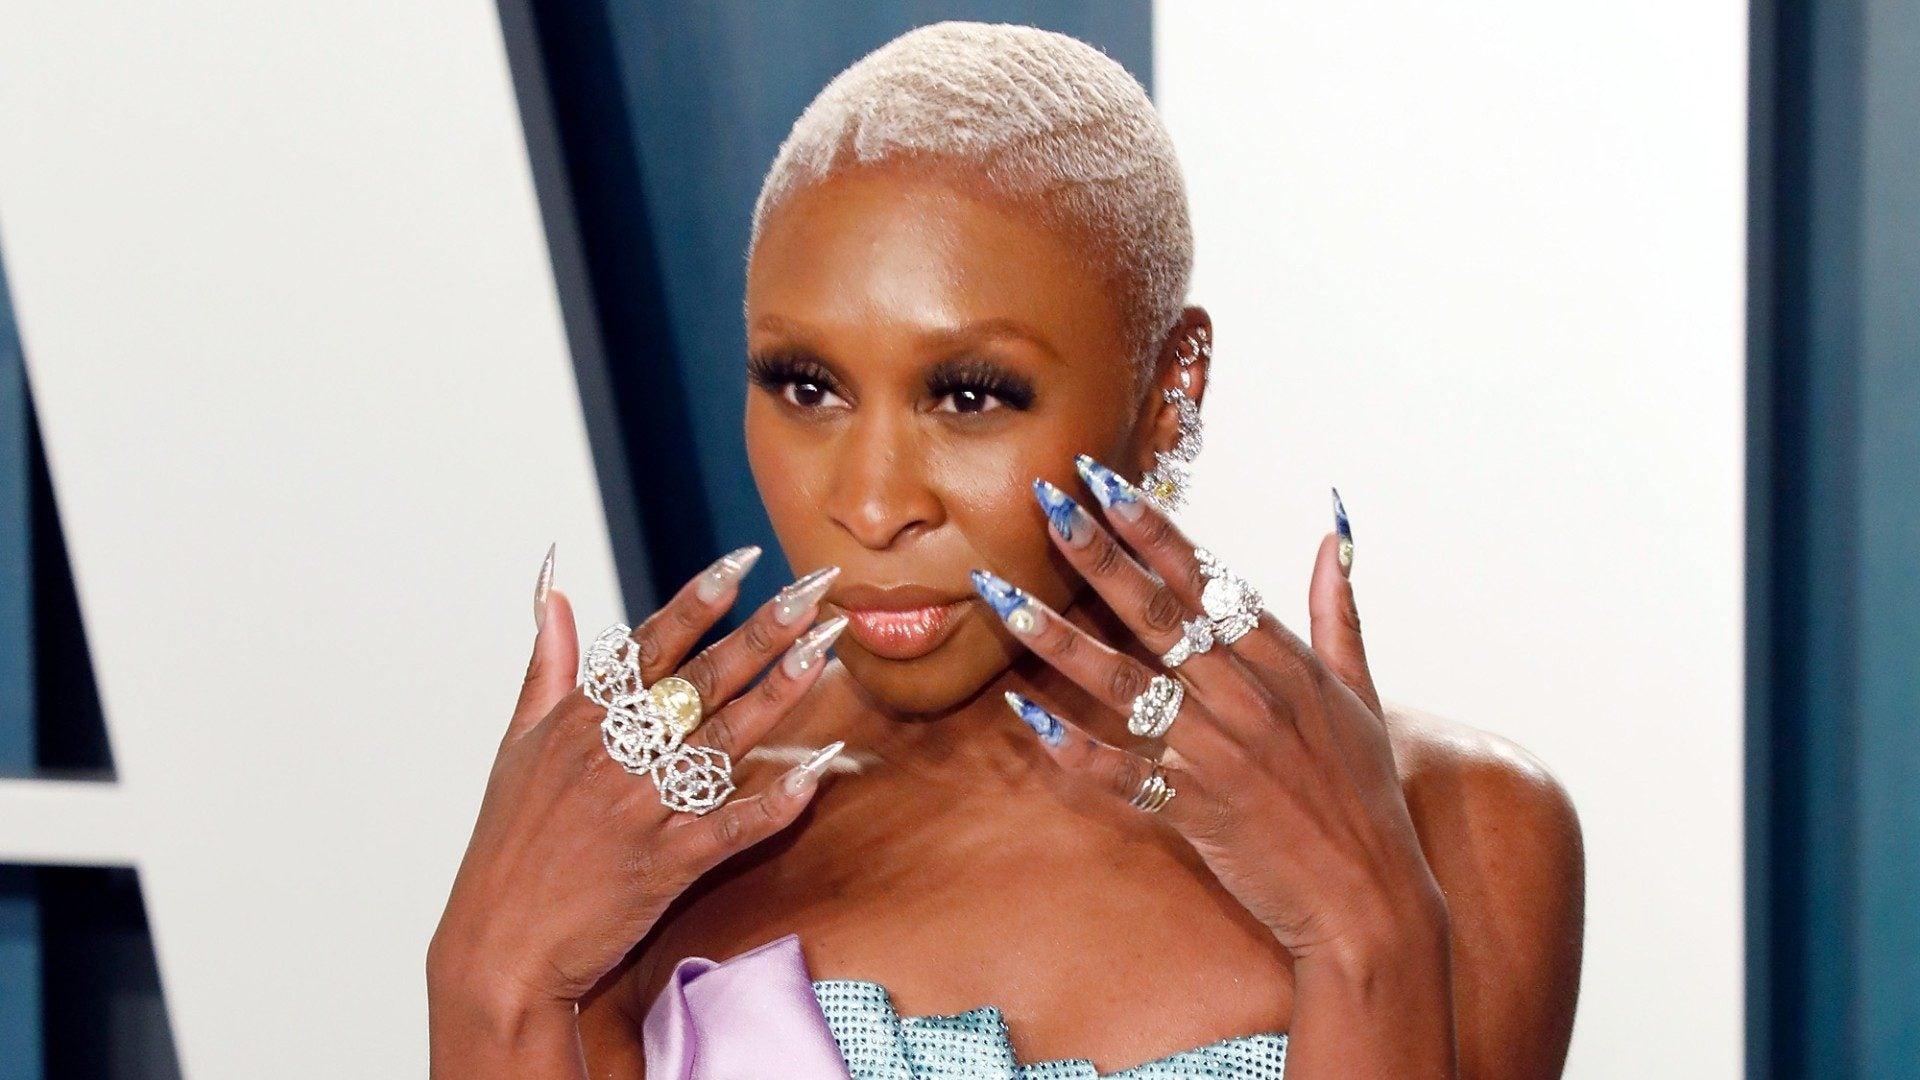 Cynthia Erivo Tributes Harriet Tubman With Louboutin Nails